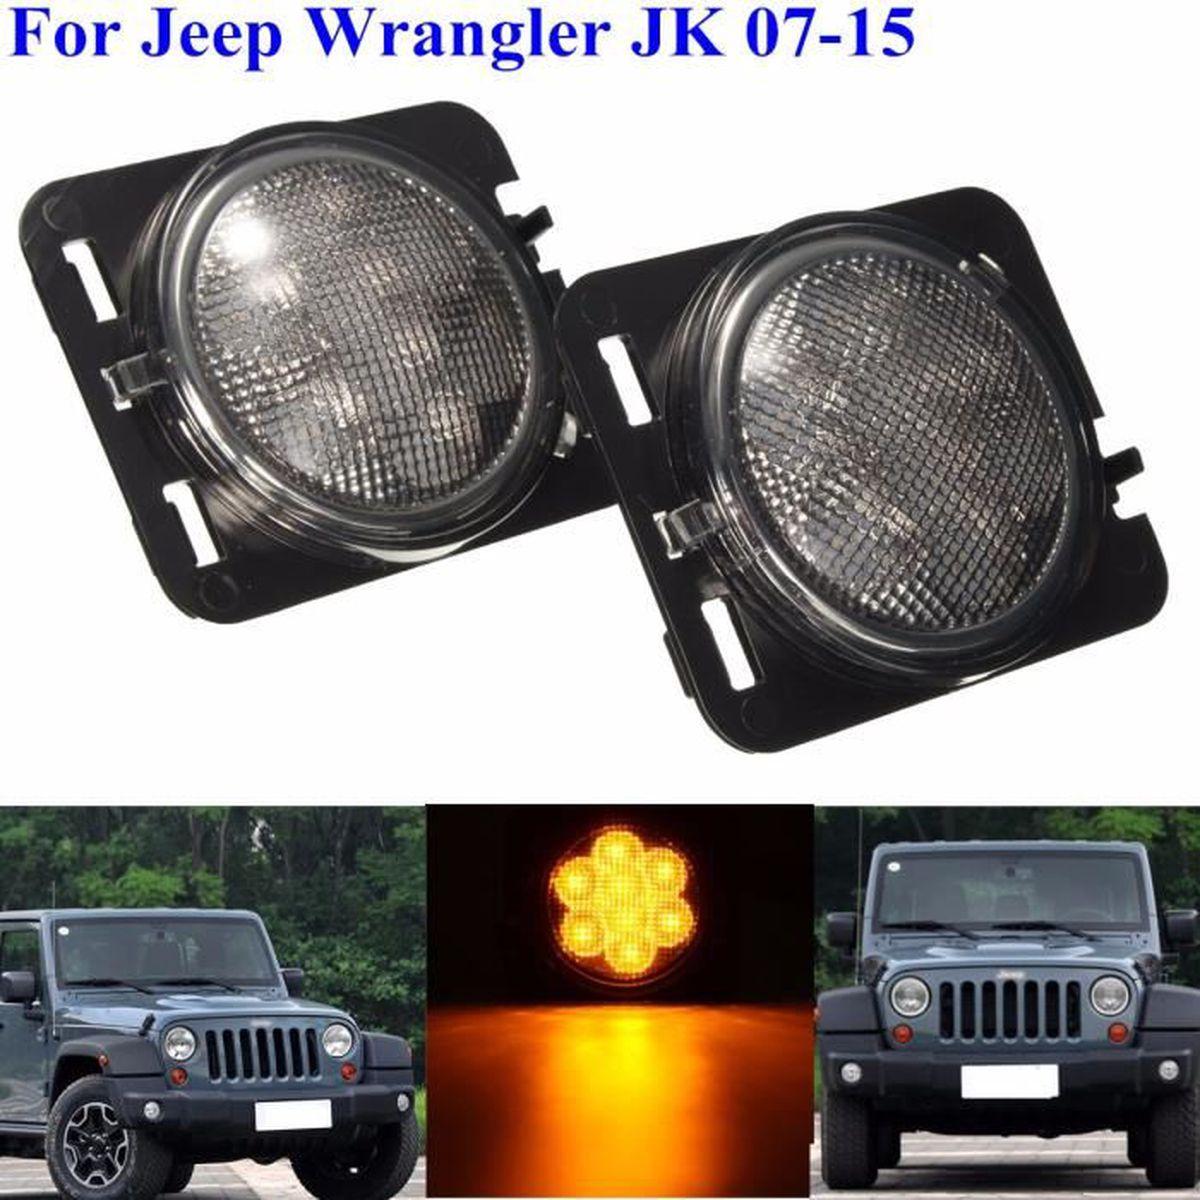 avant Jeep Wrangler JK 2007+ Clignotants sur le côté BLANC Clignotants latéraux Blanc